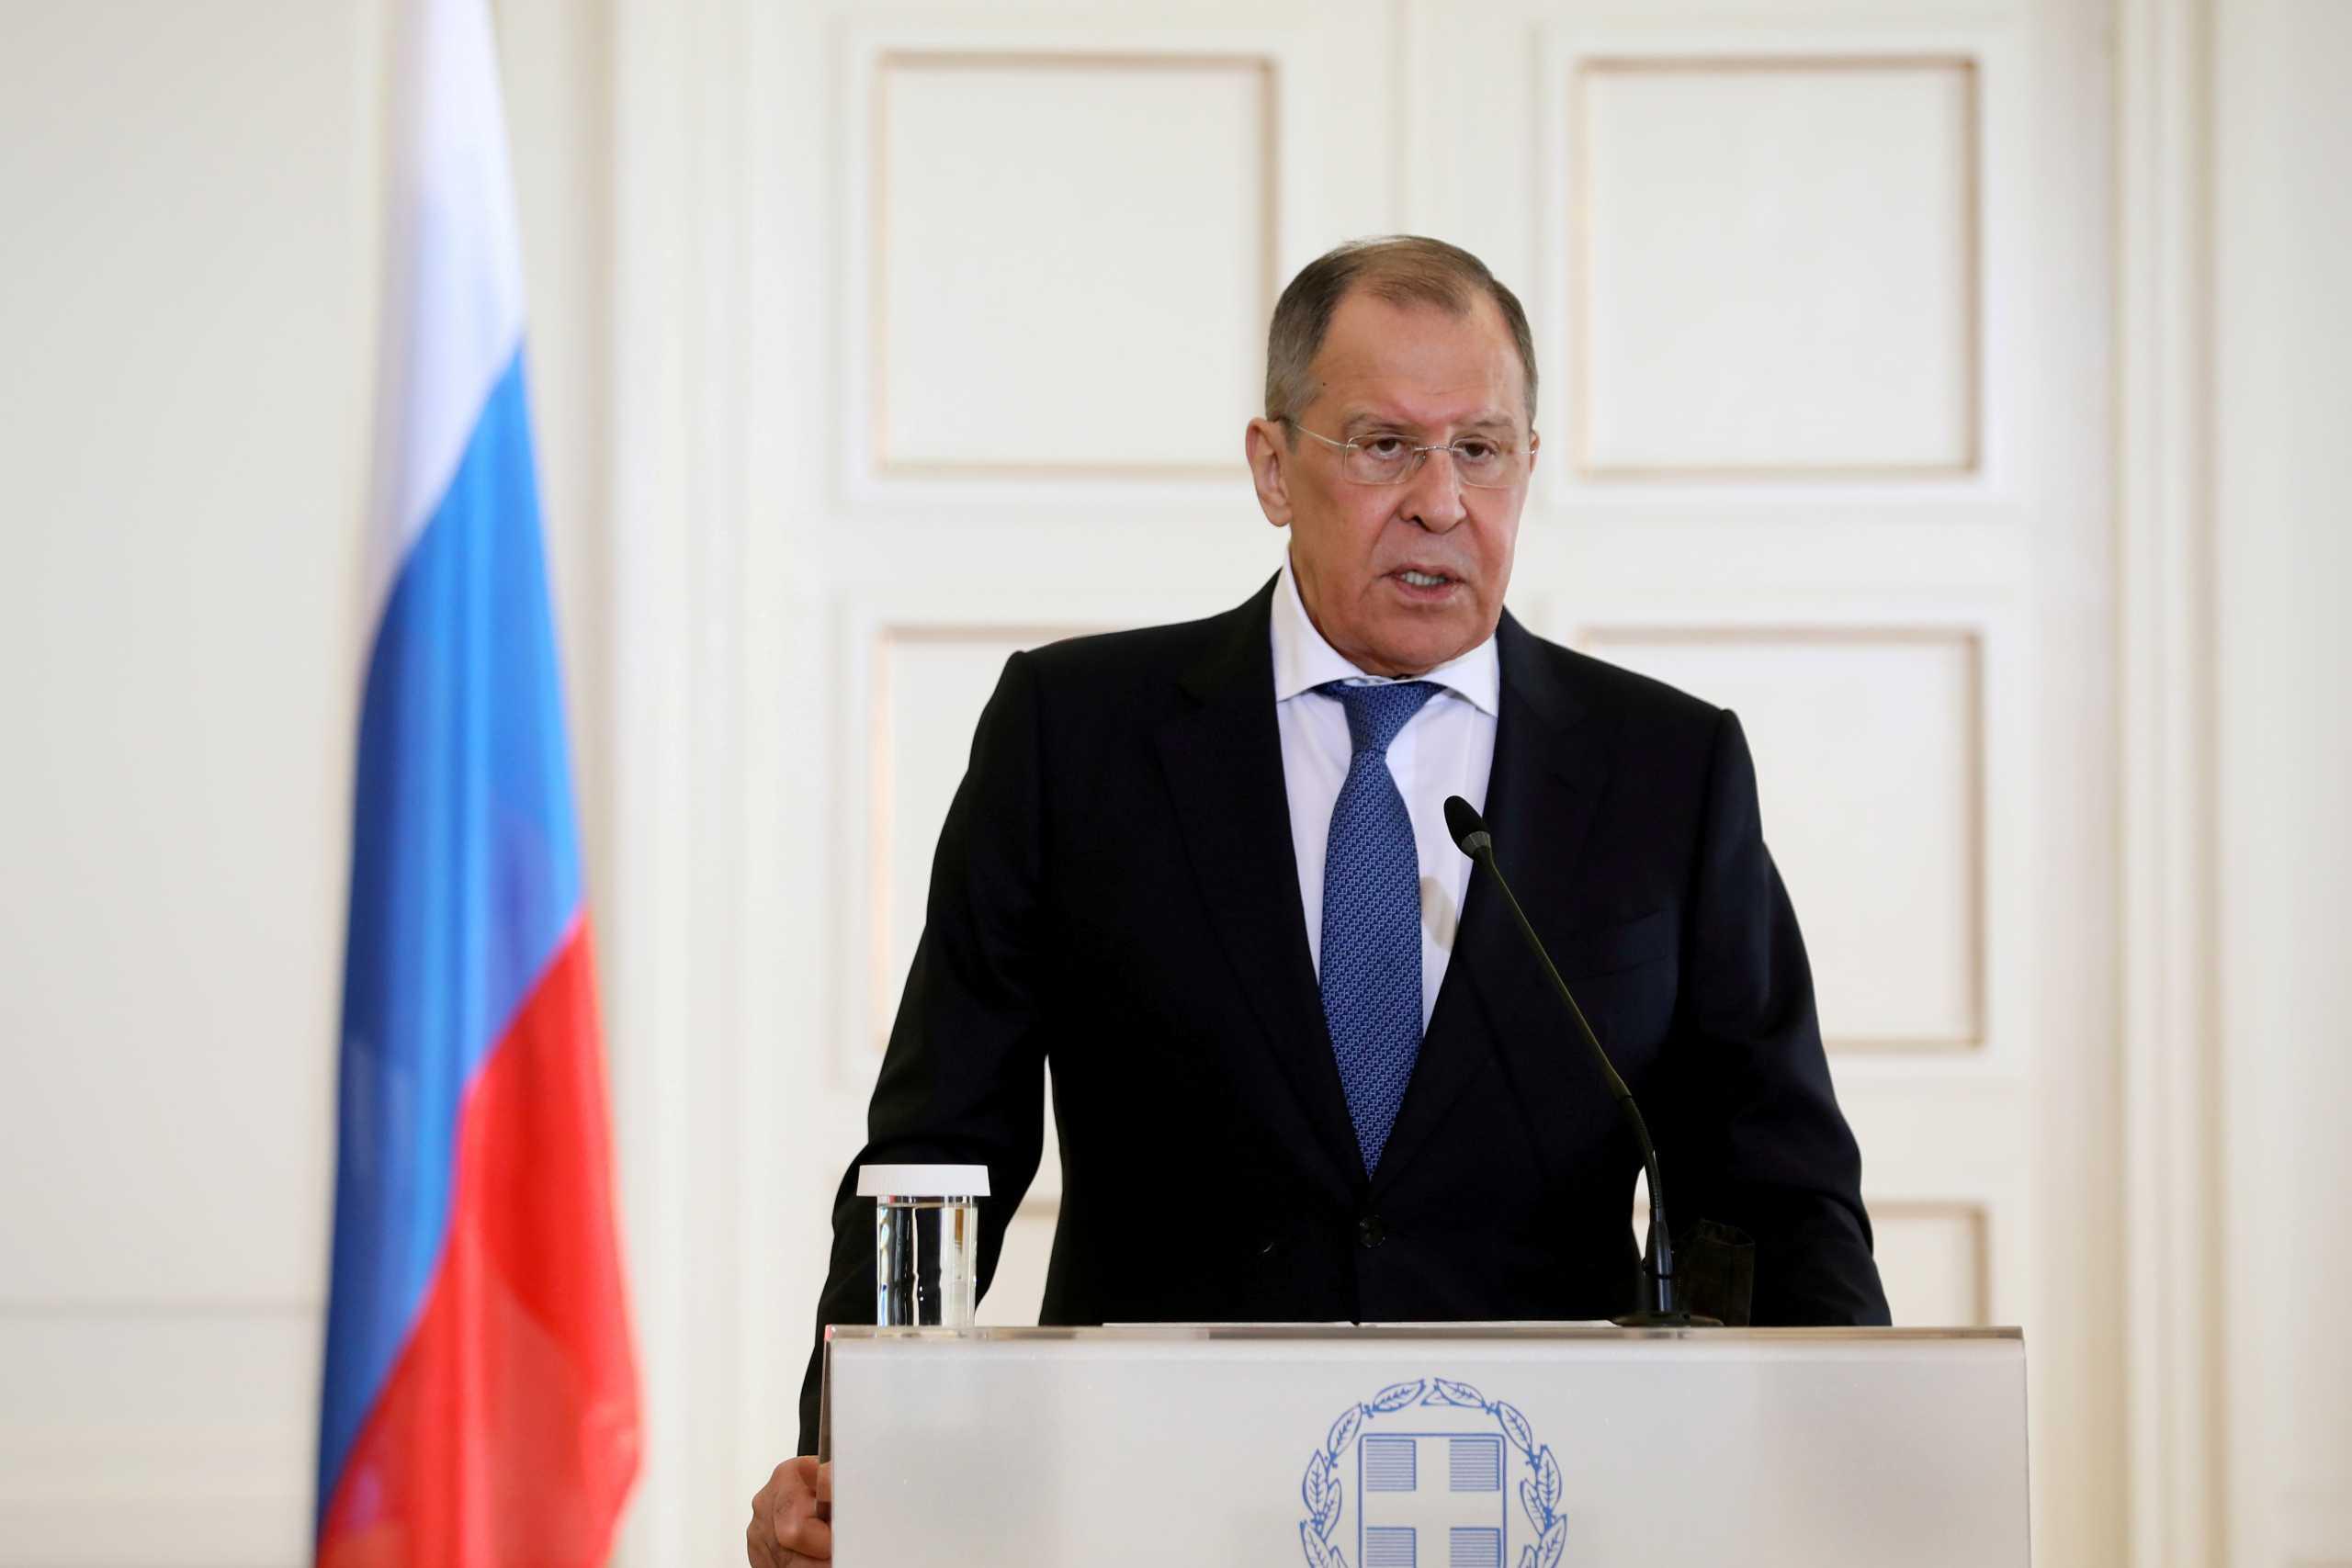 Οι δηλώσεις της Μόσχας για διακοπή των σχέσεων με τις Βρυξέλλες θορύβησαν το Βερολίνο